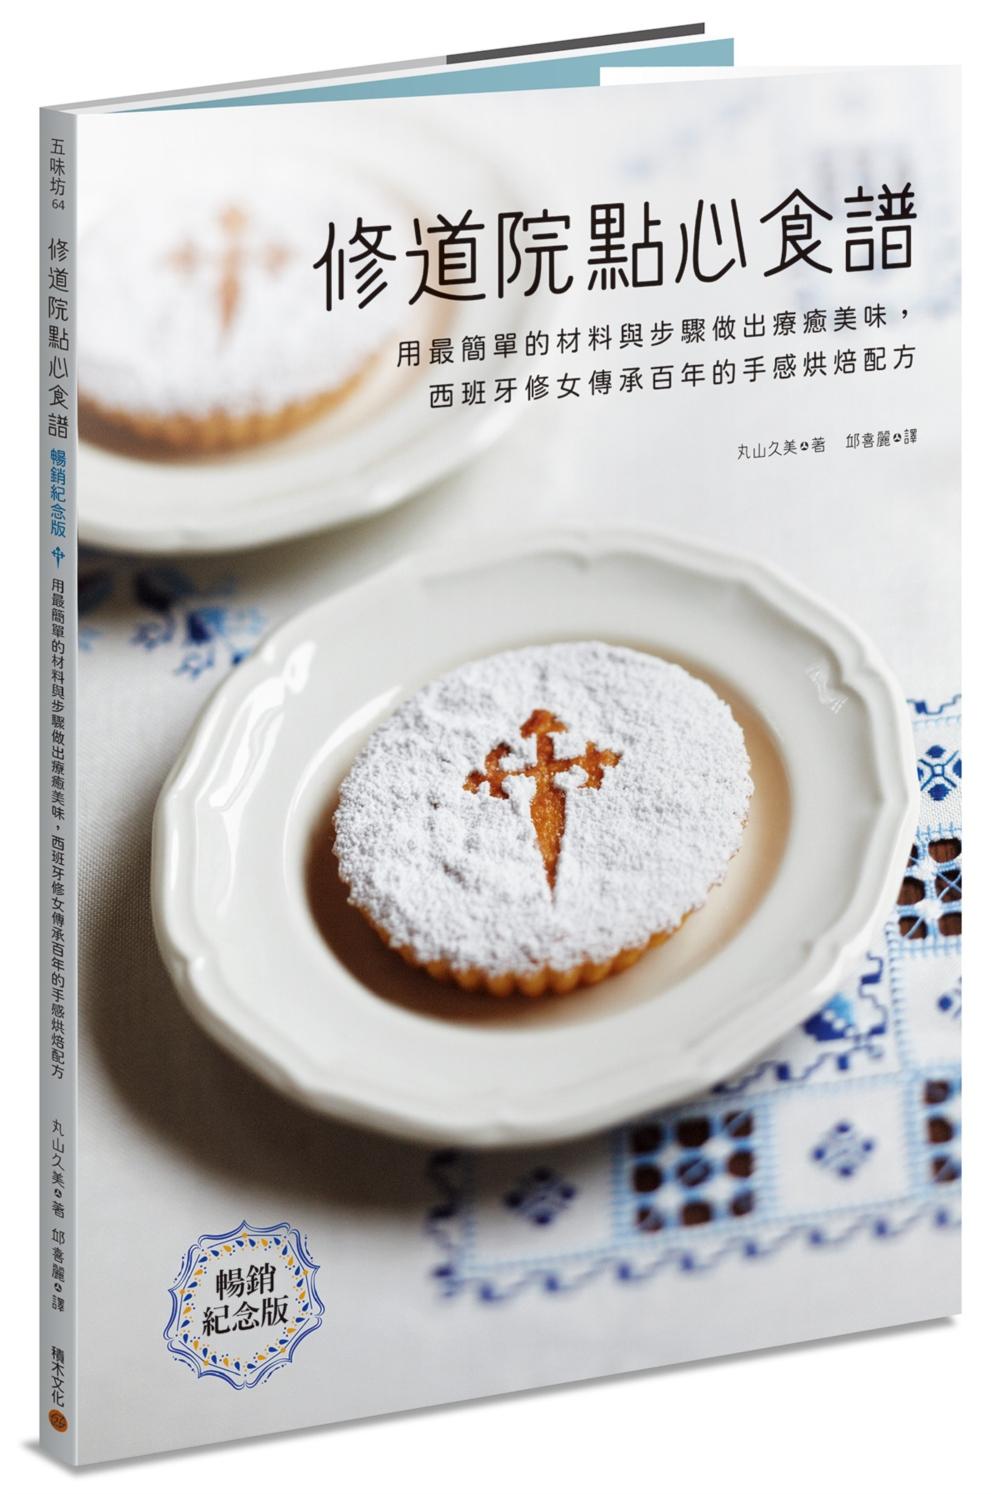 修道院點心食譜:用最簡單的材料與步驟做出療癒美味,西班牙修女傳承百年的手感烘焙配方(暢銷紀念版)